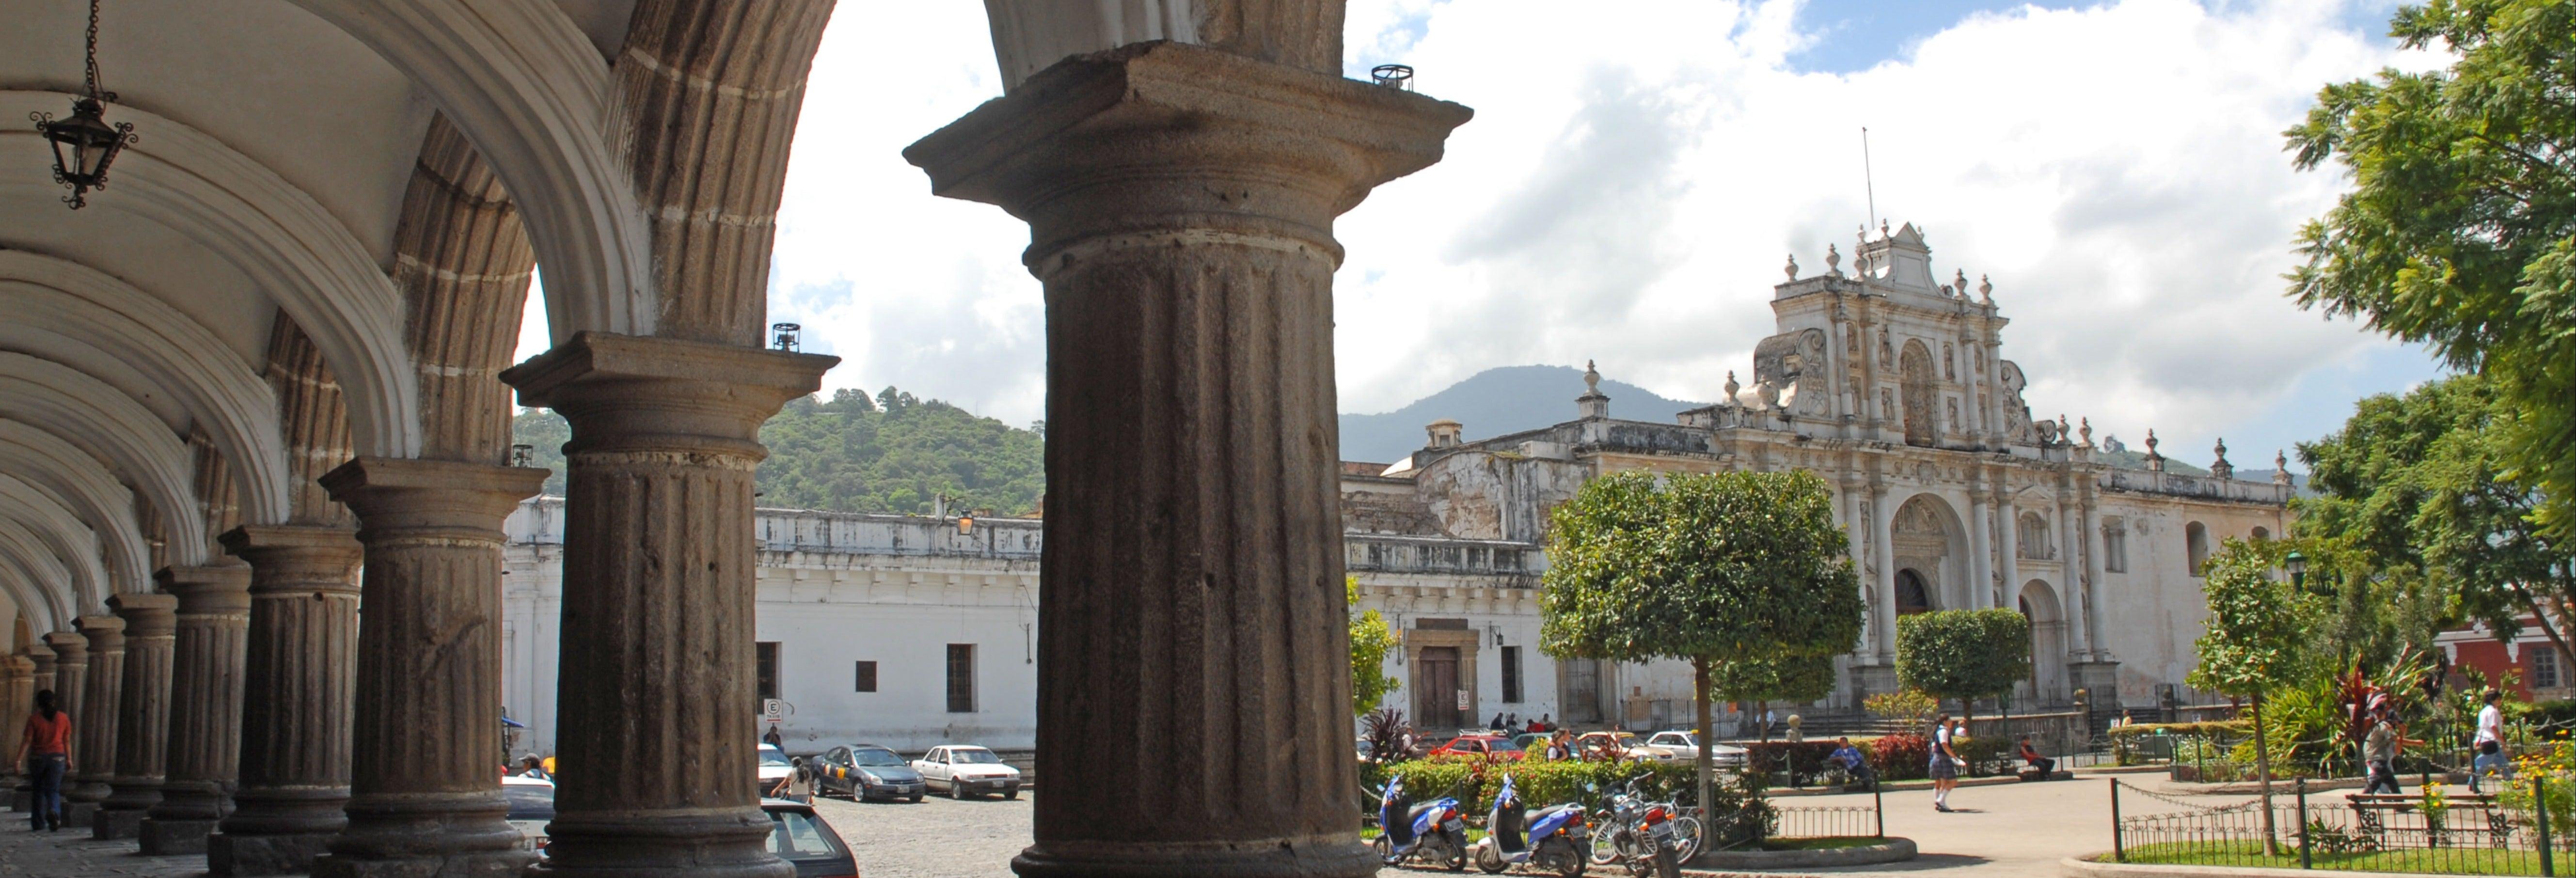 Excursion à Antigua Guatemala et aux thermes de Kawilal